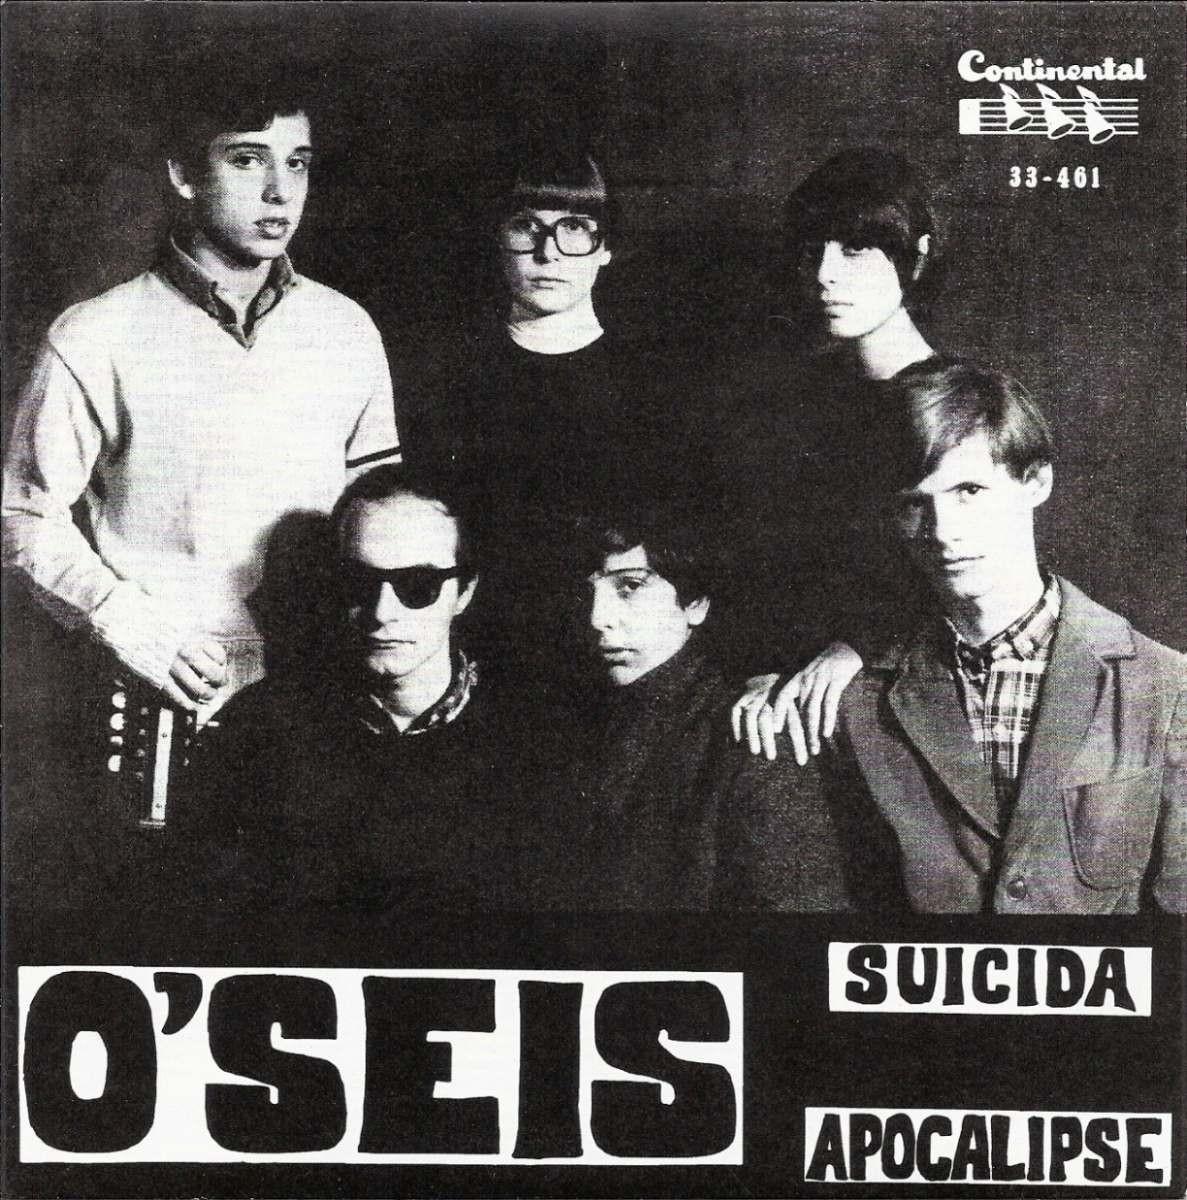 Grupo O'Seis, embrião do trio Os Mutantes, tem reeditado por selo inglês o raro compacto de 1966